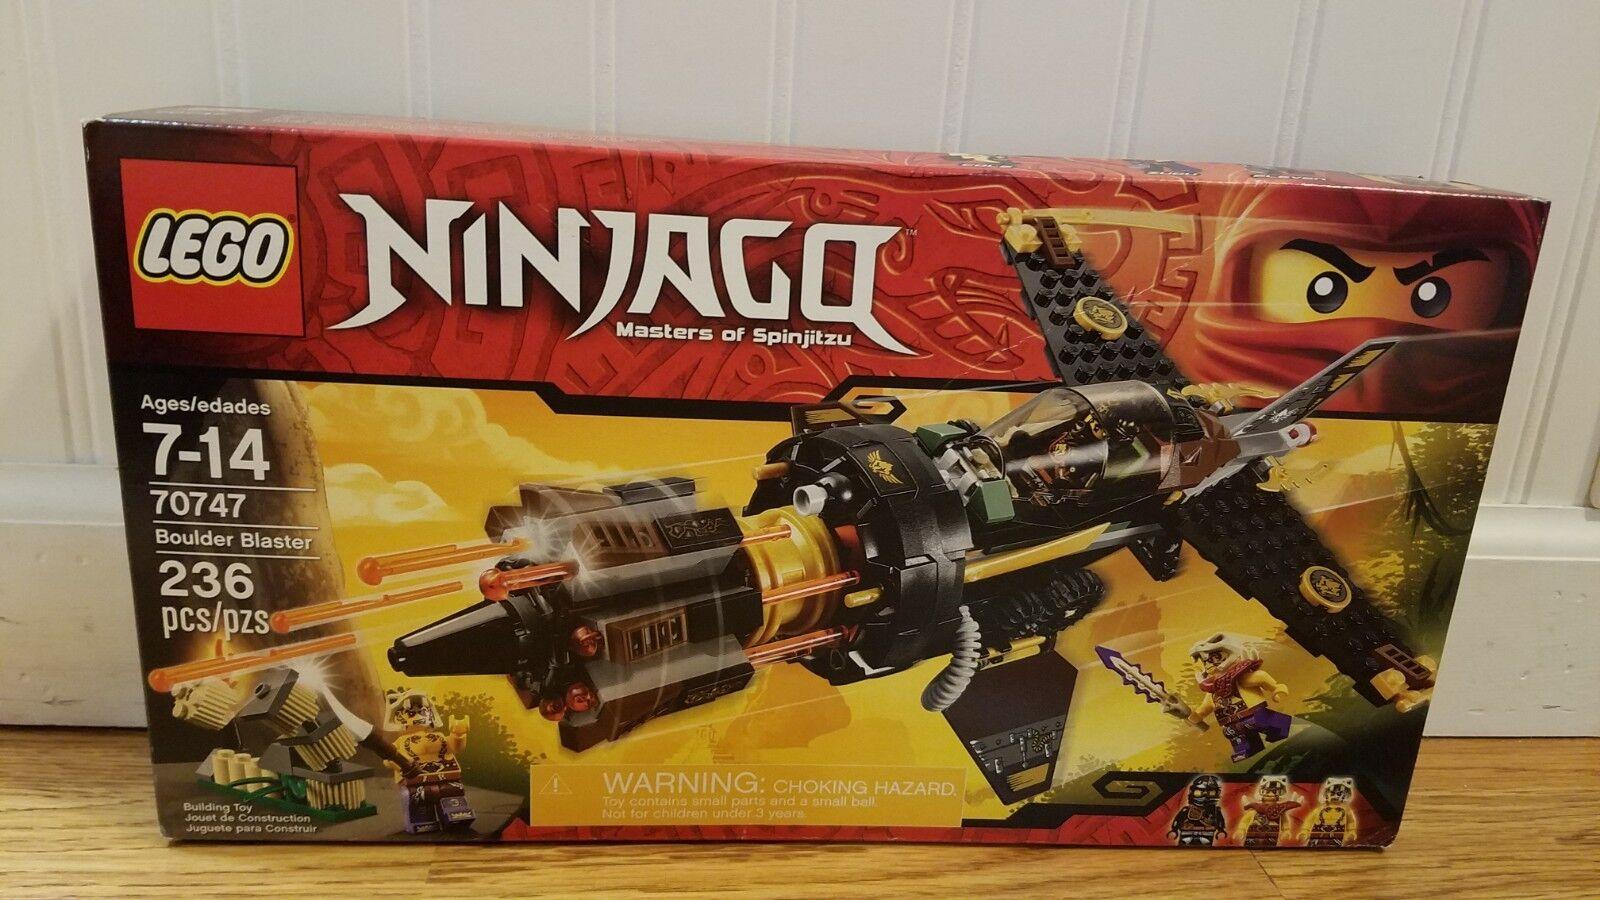 LEGO set 70747 Ninjago Boulder Blaster Factory sealed nouveau  in box  il y a plus de marques de produits de haute qualité